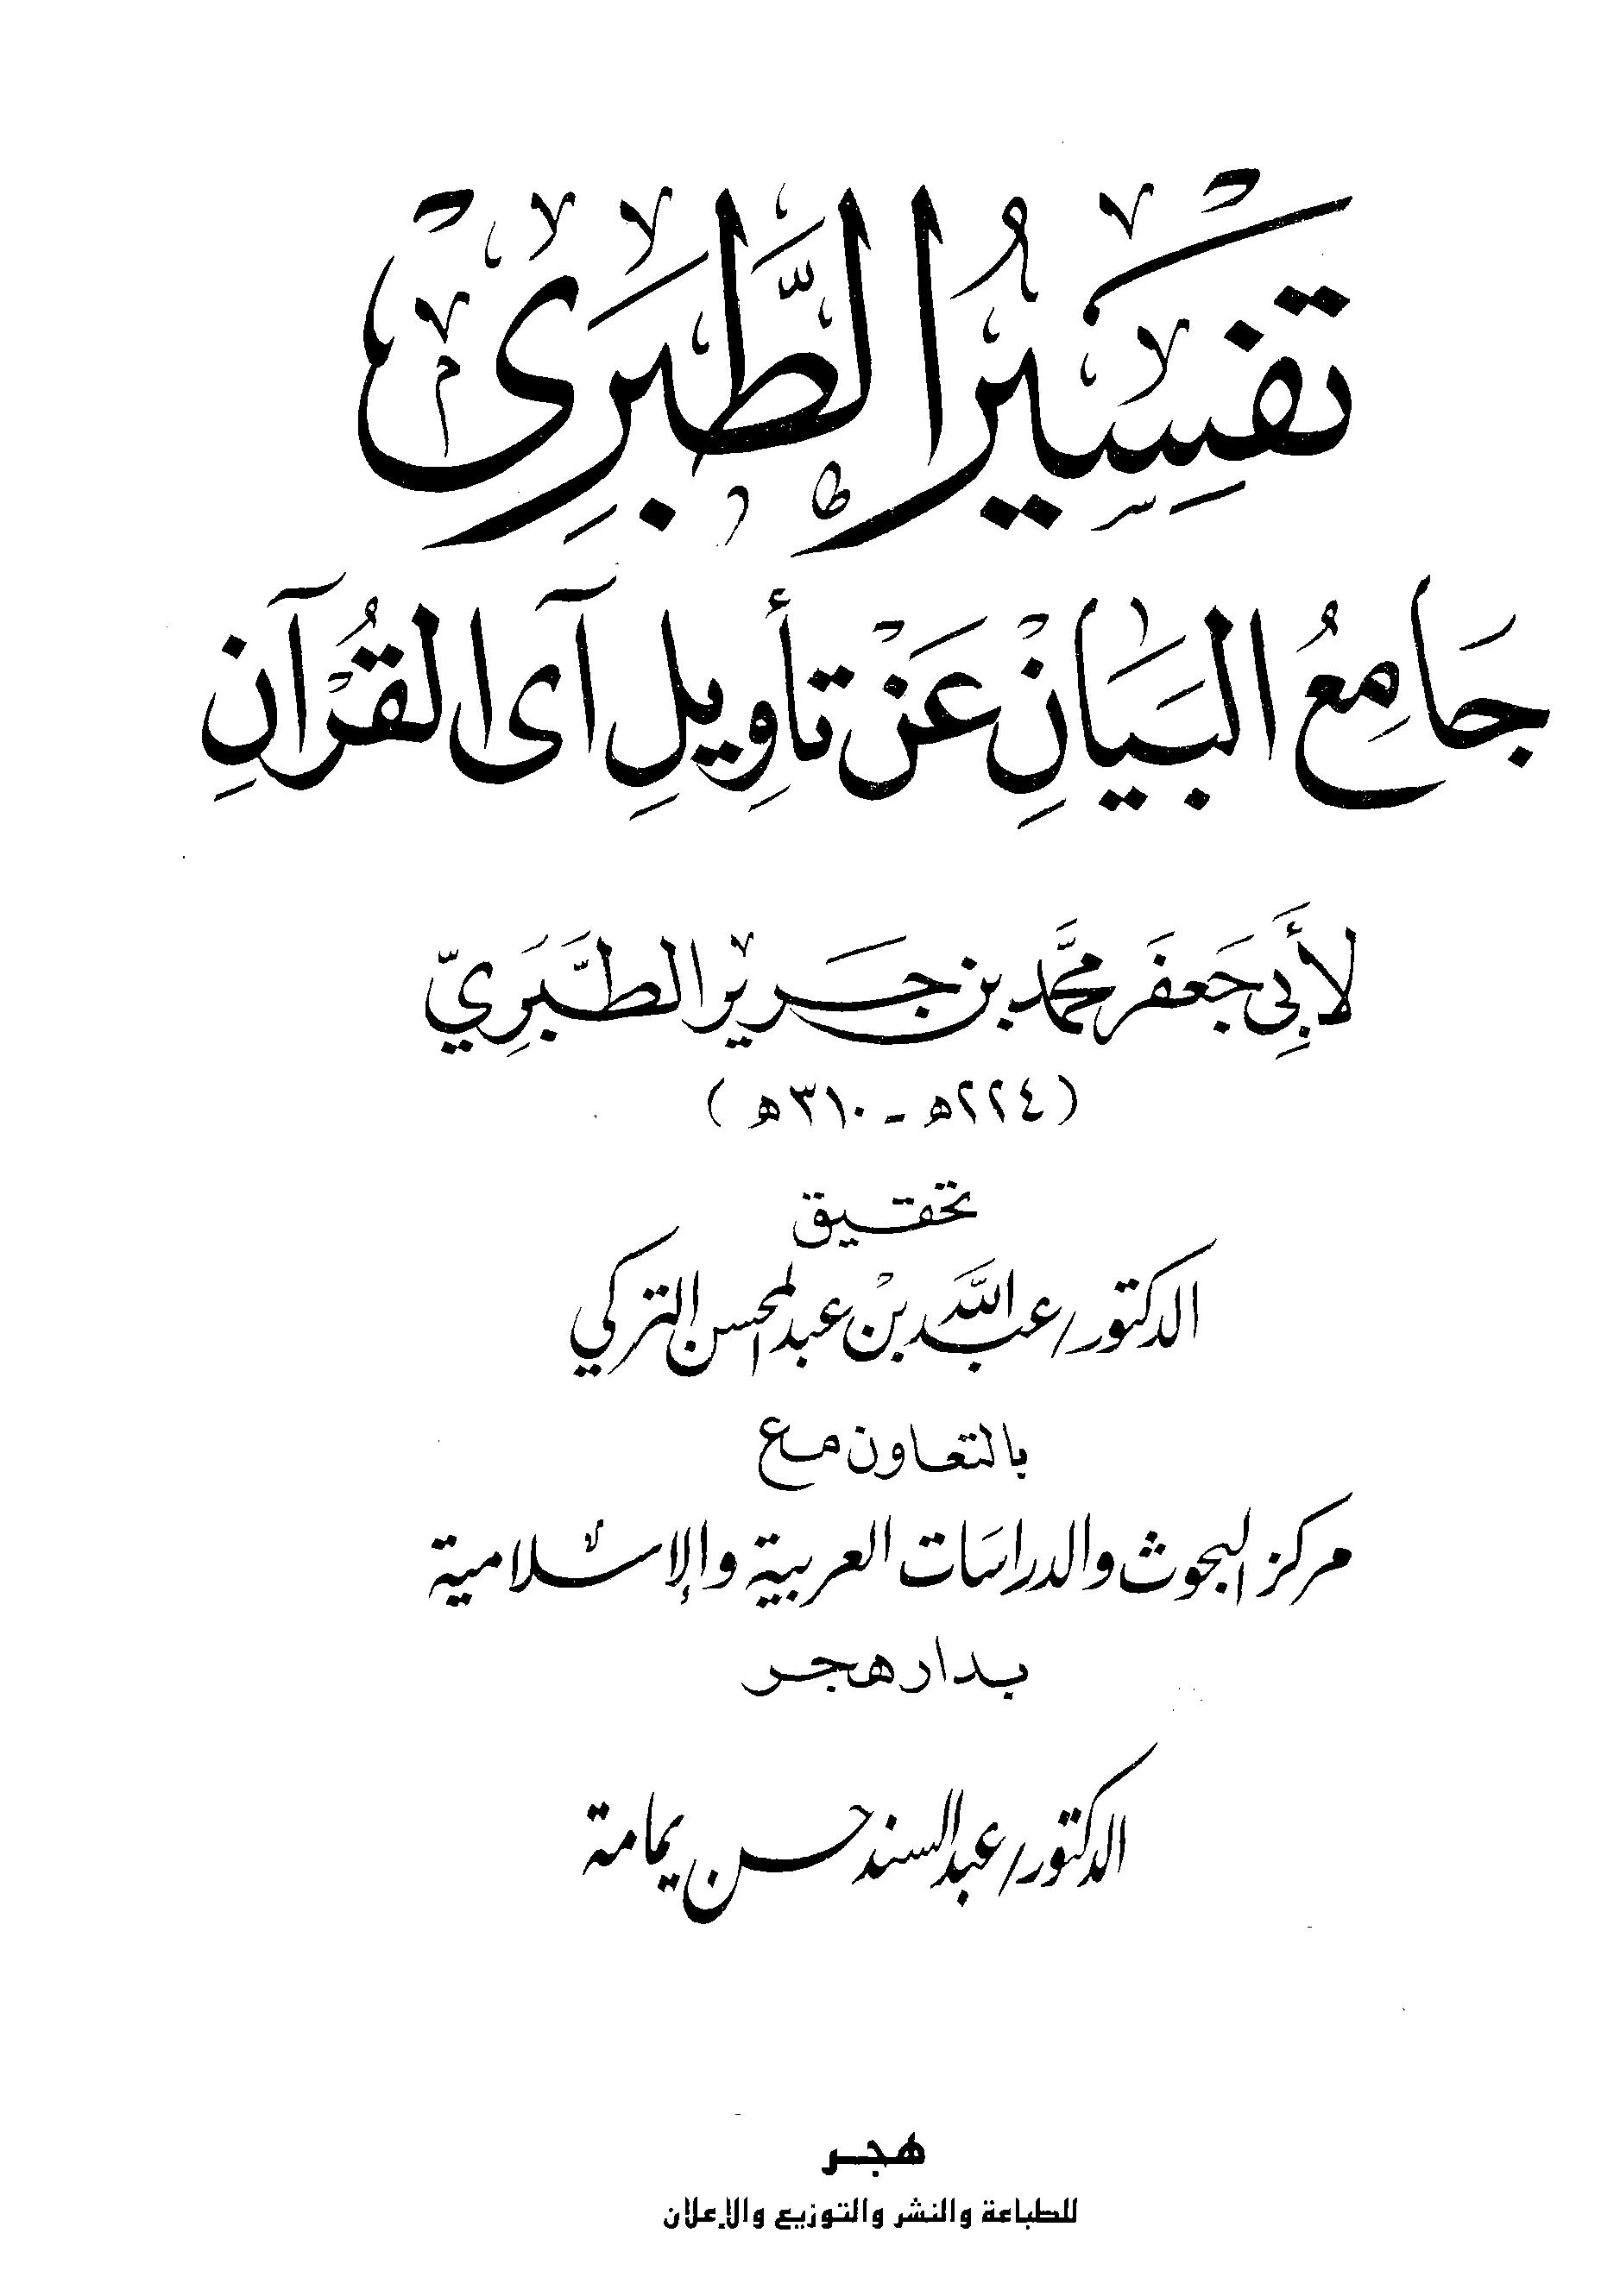 كتاب  تفسير الطبري من كتابه جامع البيان عن تأويل آي القرآن